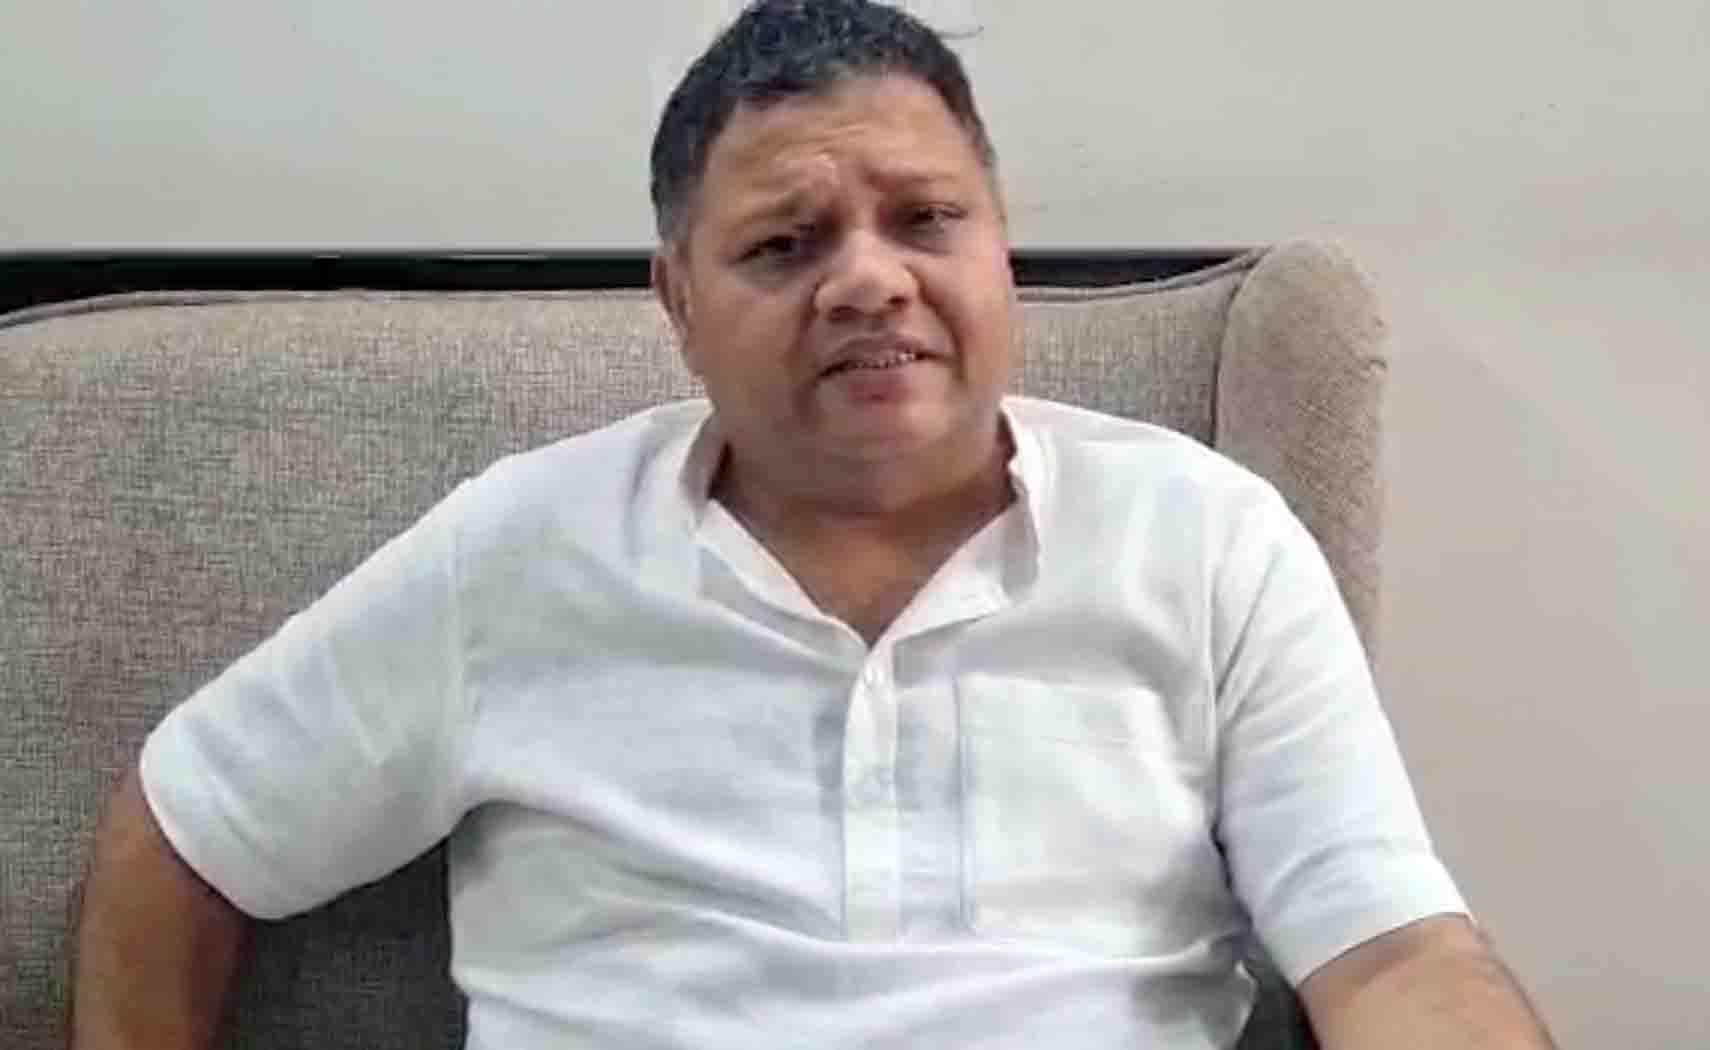 फरीदाबाद।  विधायक नीरज शर्मा लगातार इस मेट्रो स्टेशन के लिए प्रयास कर रहे थे। - Dainik Bhaskar